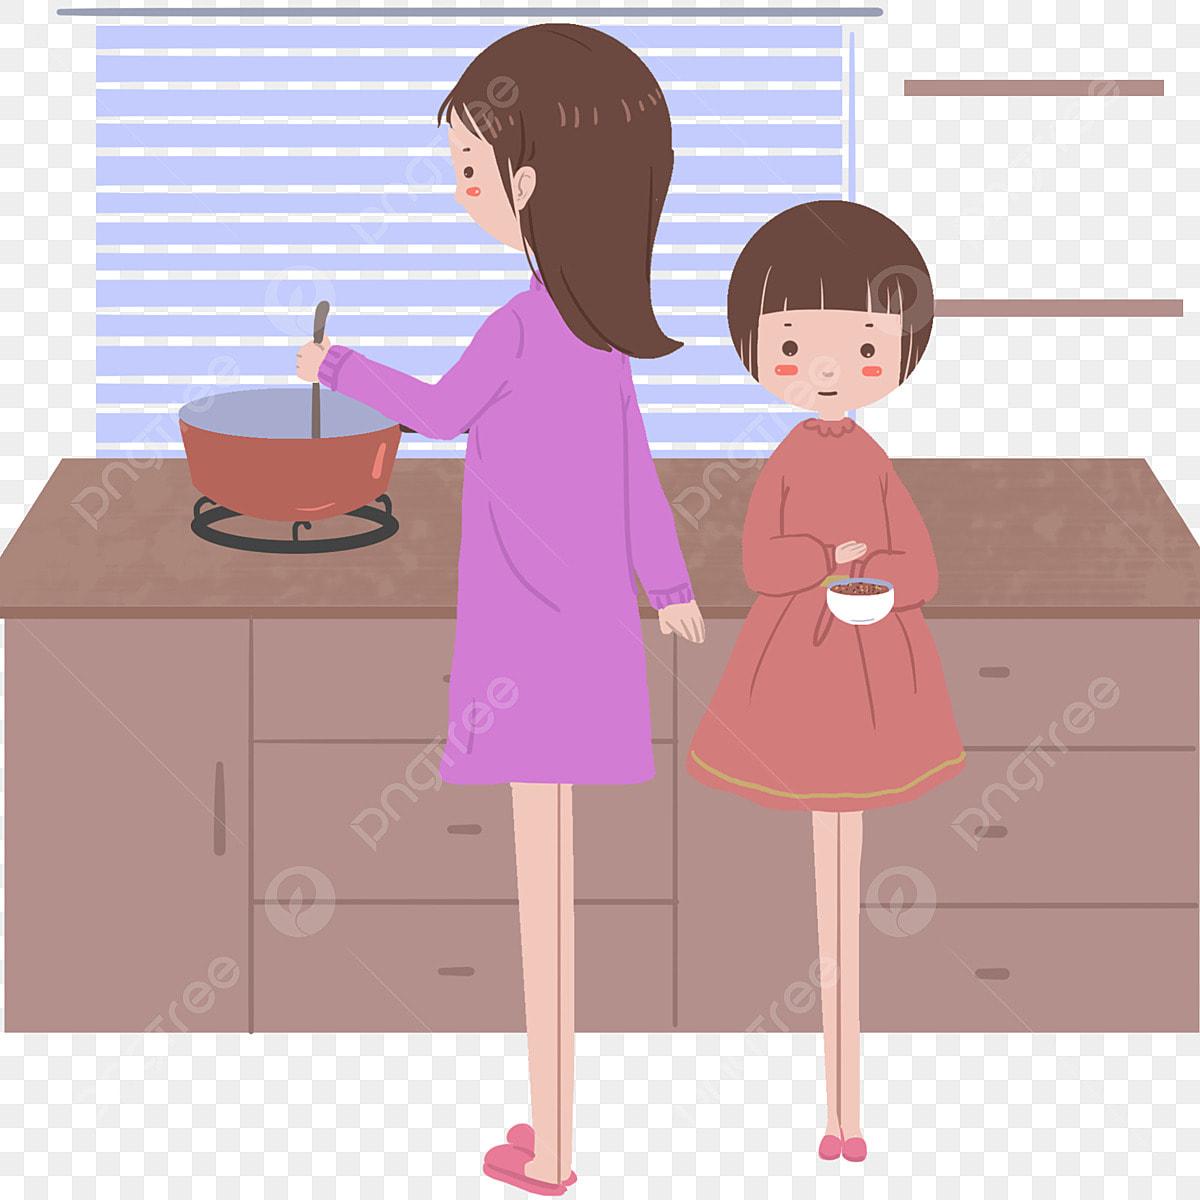 Gambar Pesta Laba Selamat Bercuti Gadis Kecil Makan Bubur Panas Laba Ibu Membuat Bubur Laba Di Dapur Selamat Bercuti Kepada Gadis Kecil Makan Bubur Panas Laba Png Dan Psd Untuk Muat Turun